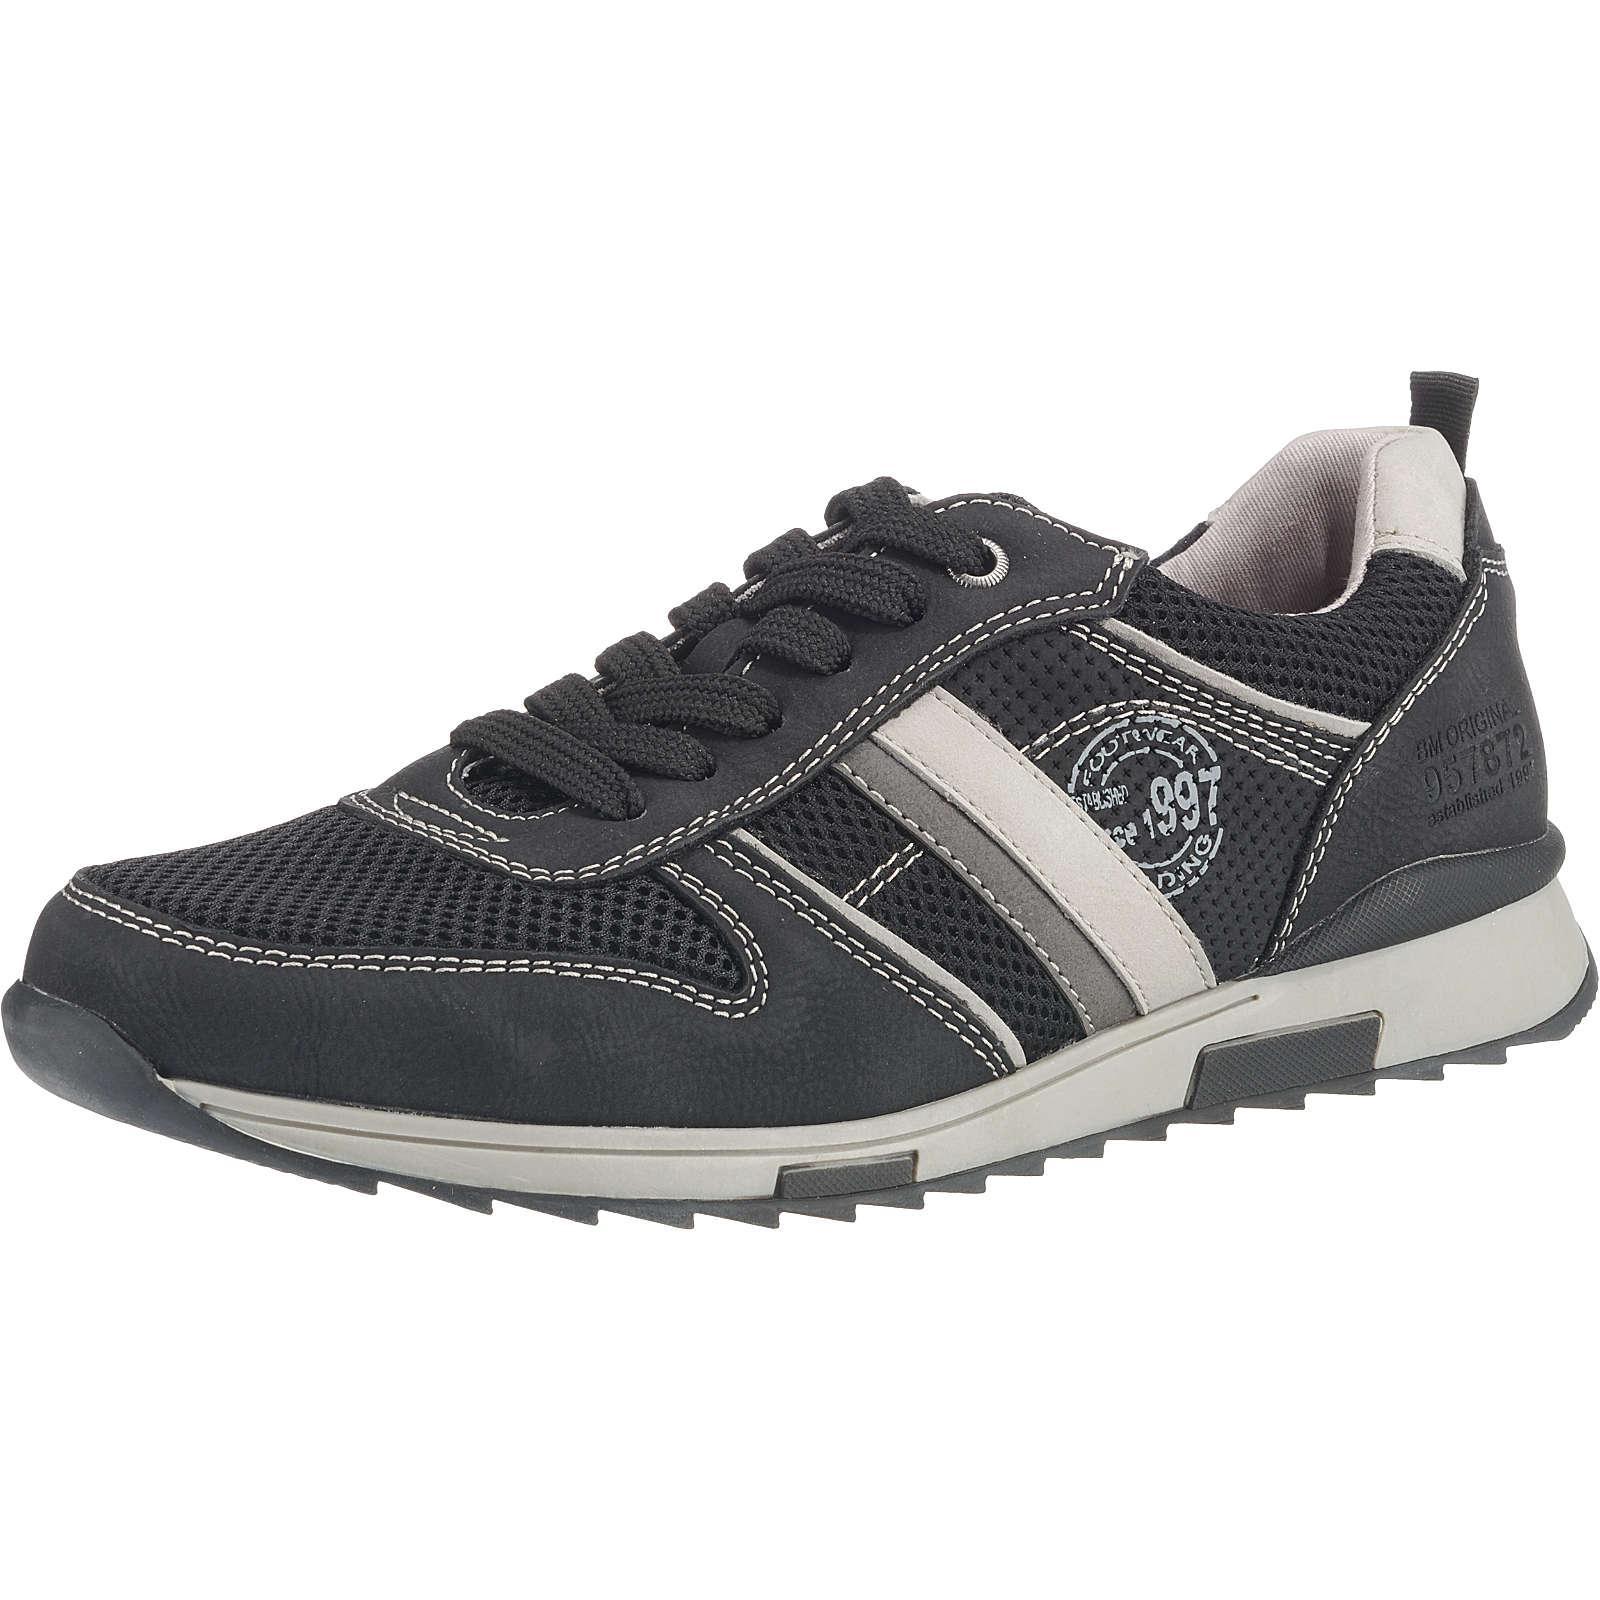 BM Footwear Schnürschuhe schwarz Herren Gr. 41